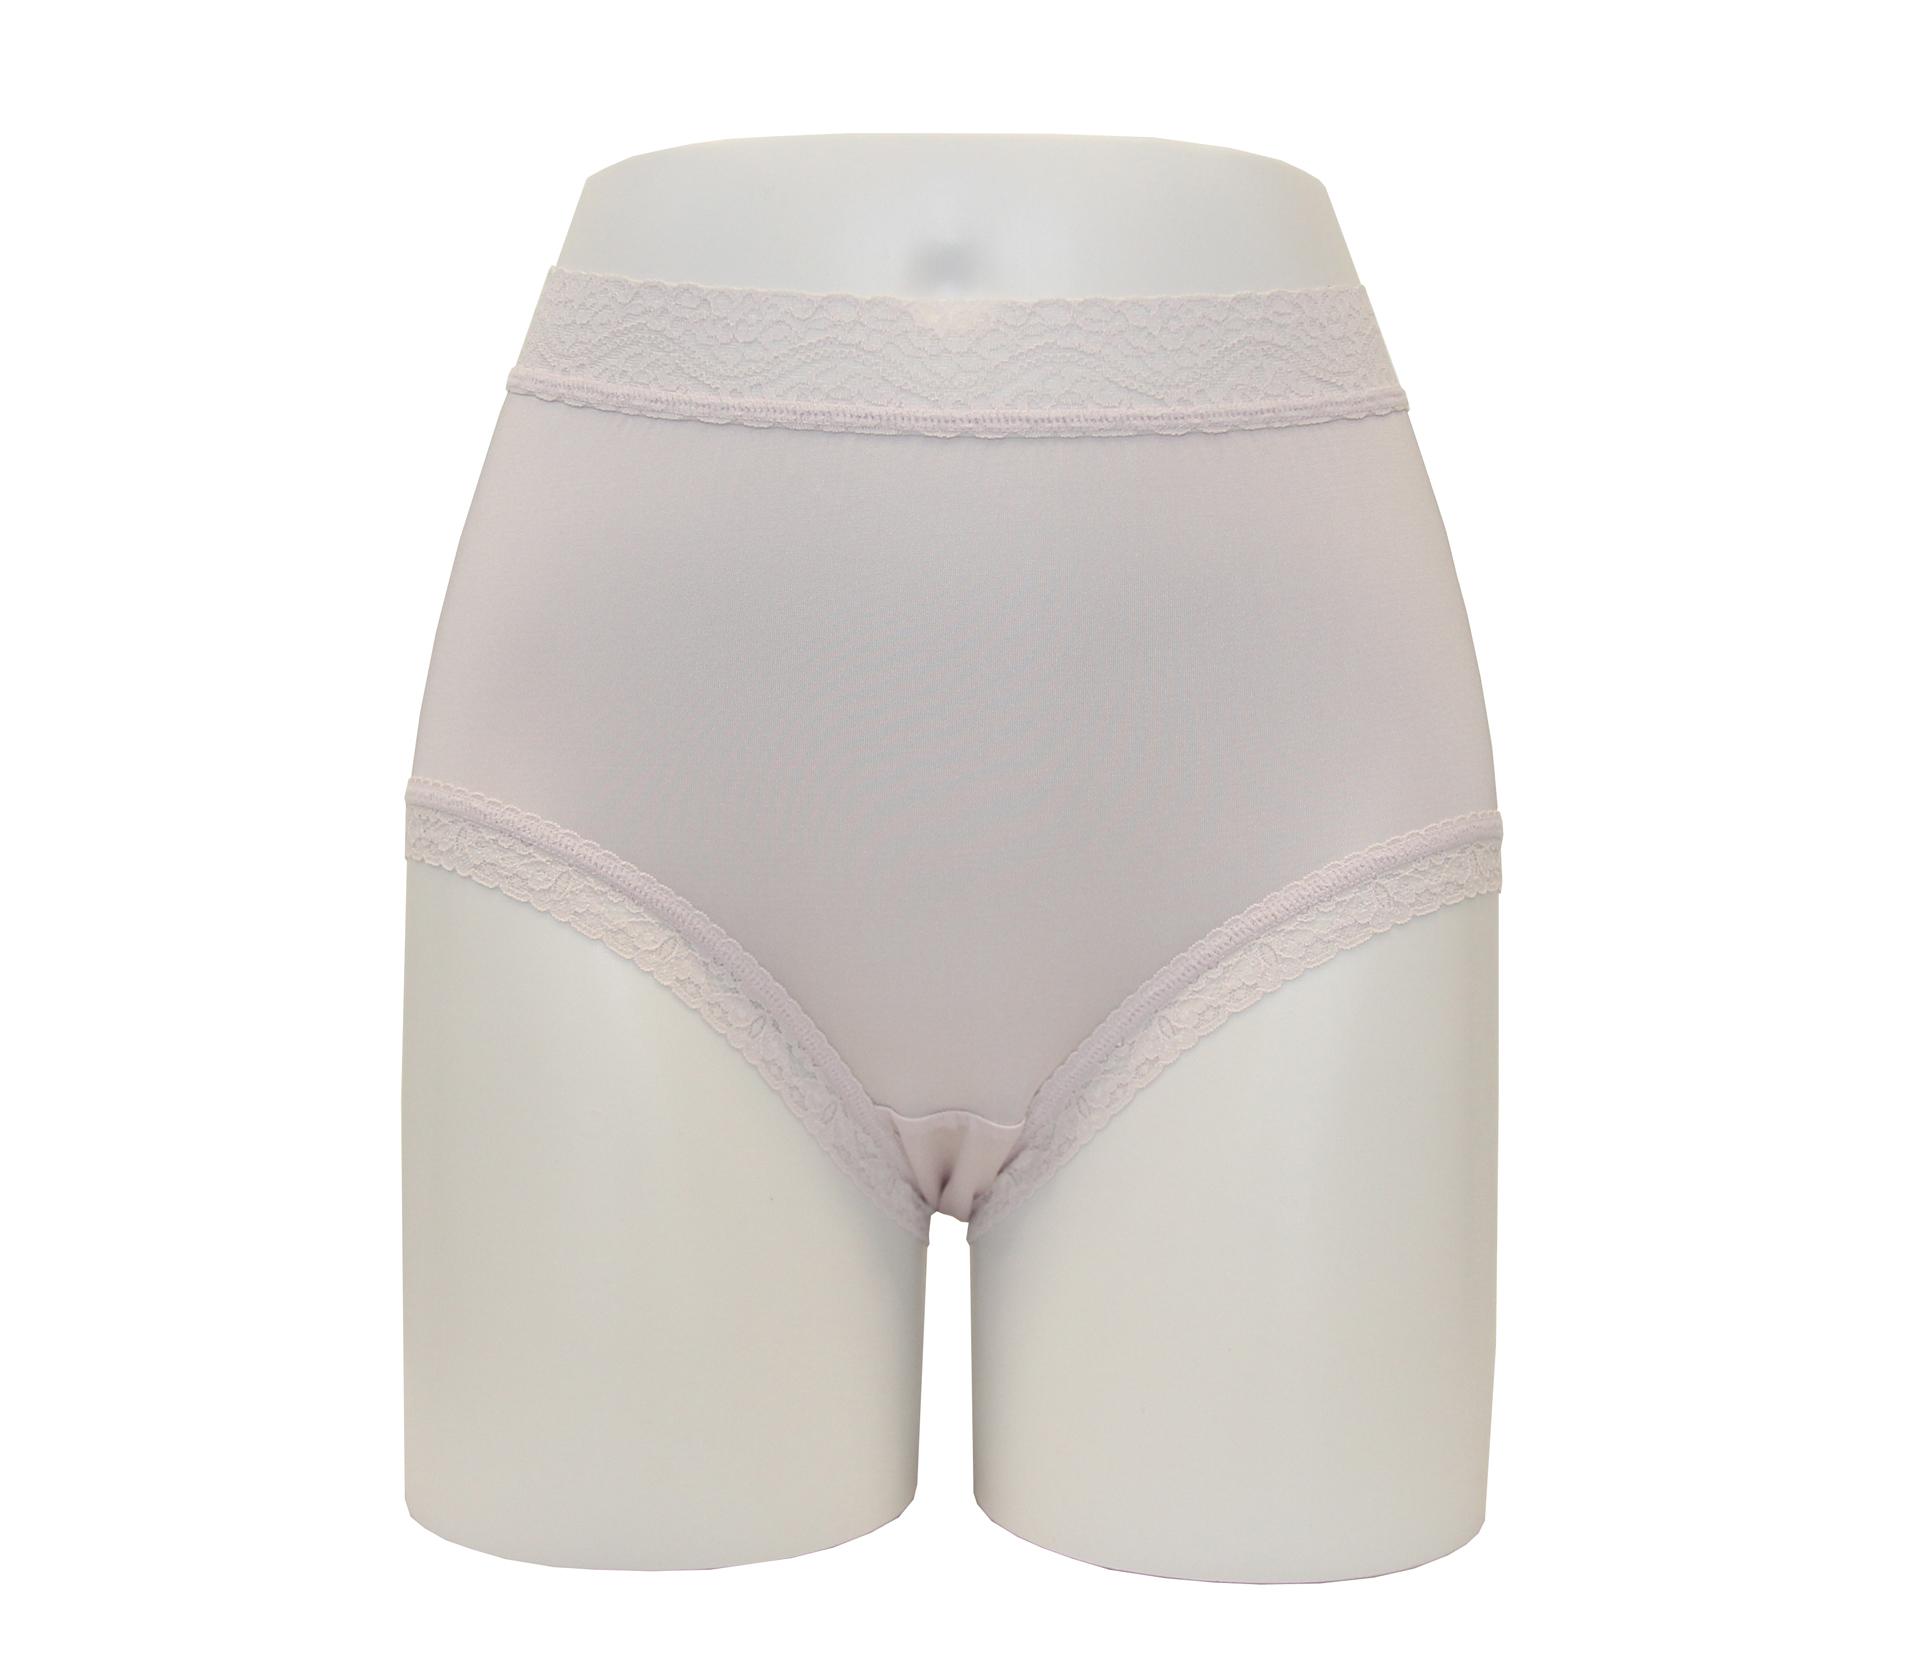 闕蘭絹40針高腰粉嫩透氣100%蠶絲內褲 - 887903 (紫)